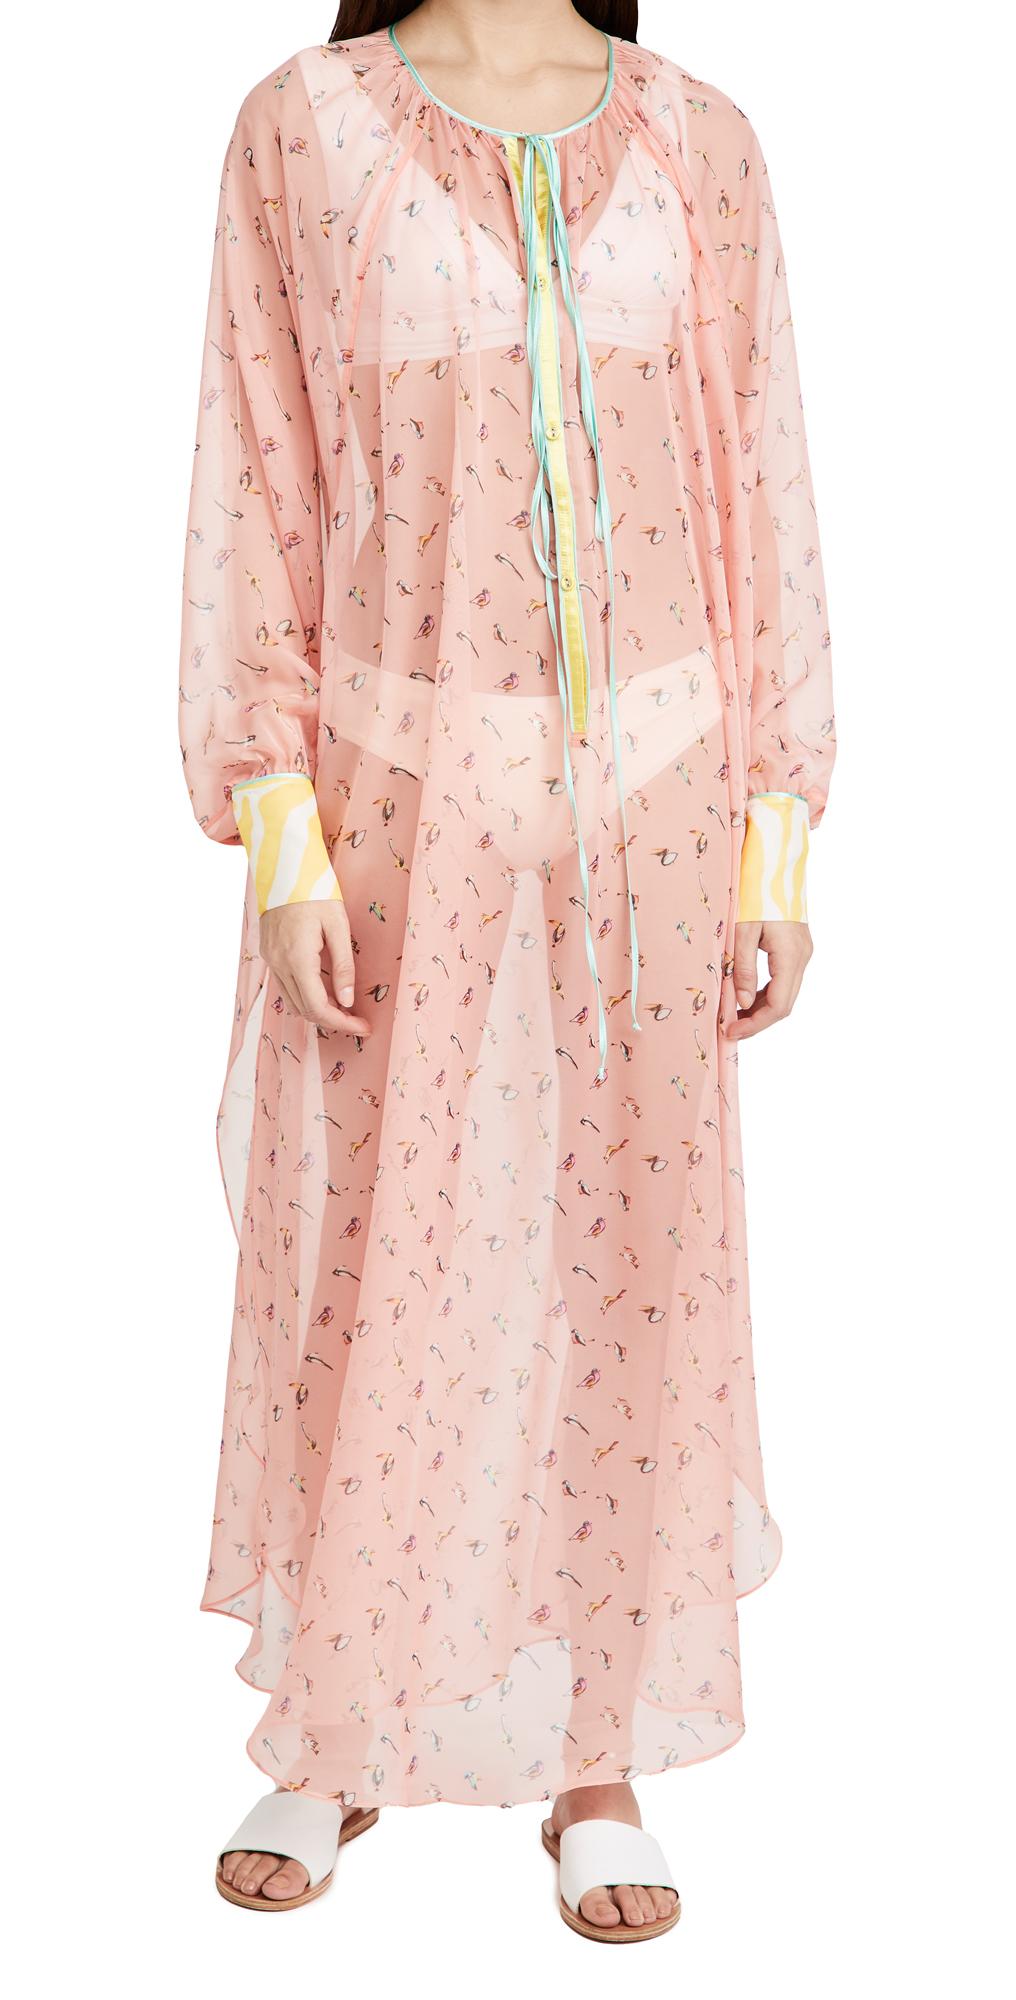 Eywasouls Malibu Naomi Dress